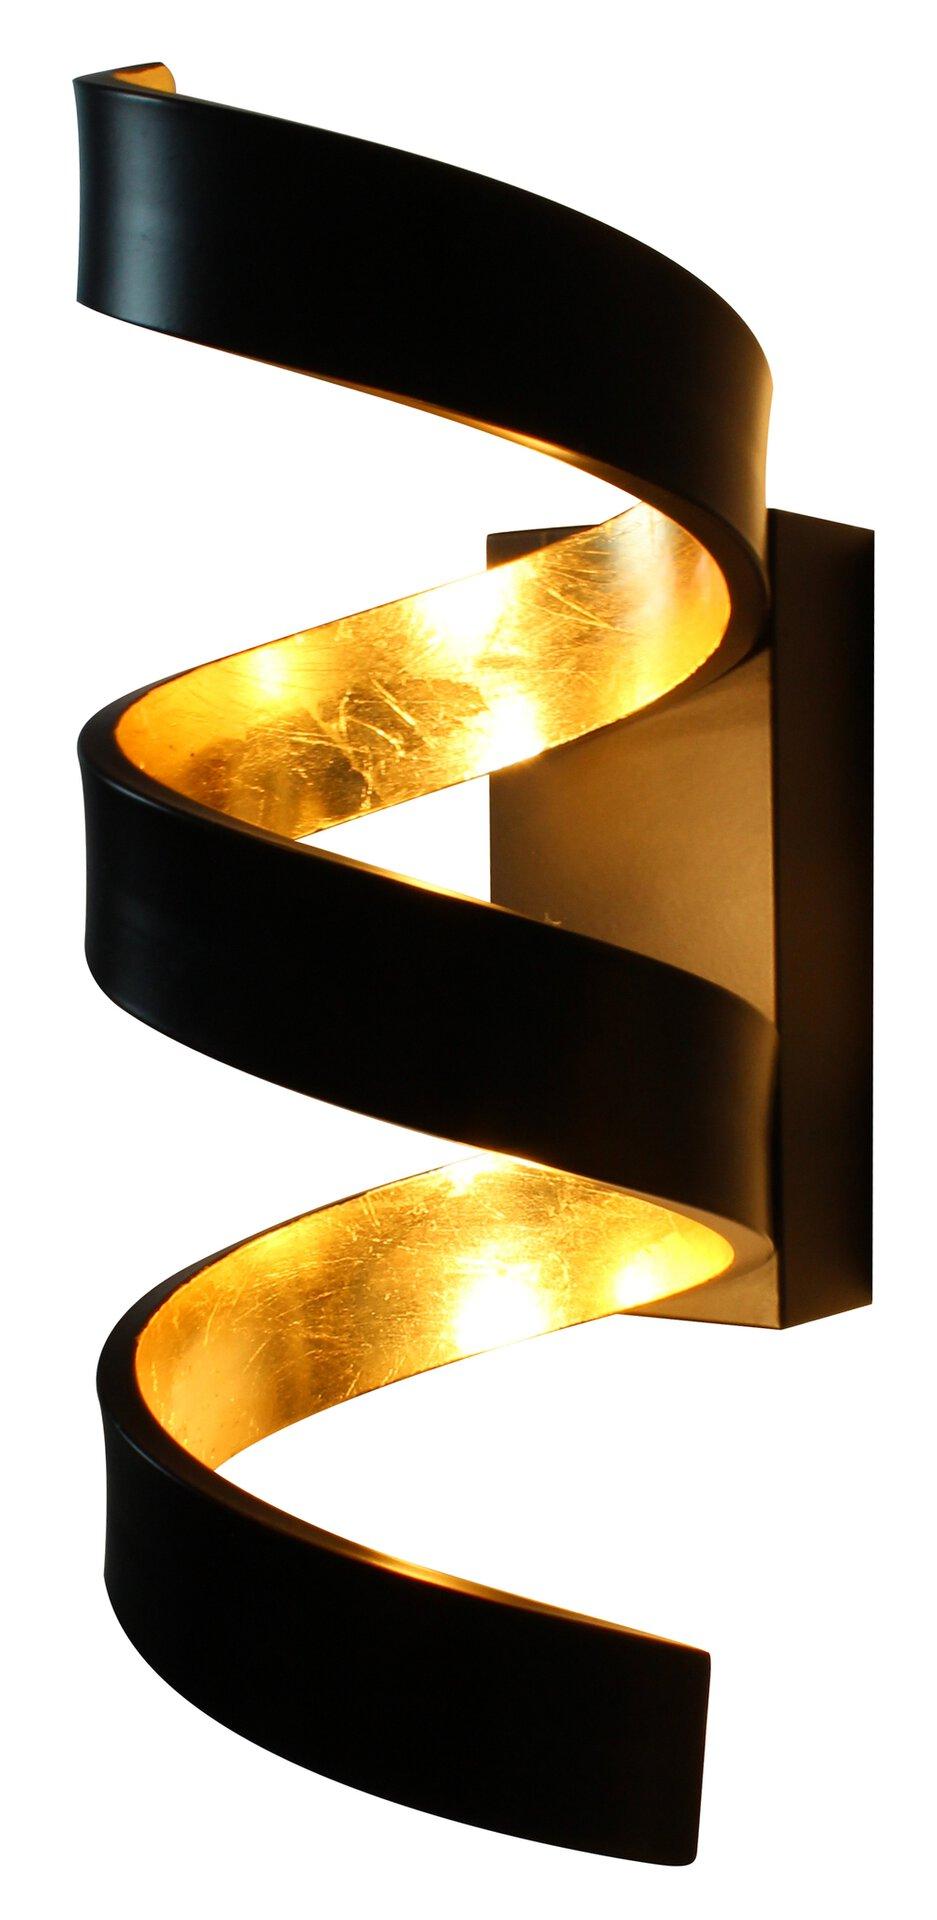 Wandleuchte Helix LED-Helix-AP3 Eco-Light Metall schwarz 10 x 26 x 13 cm